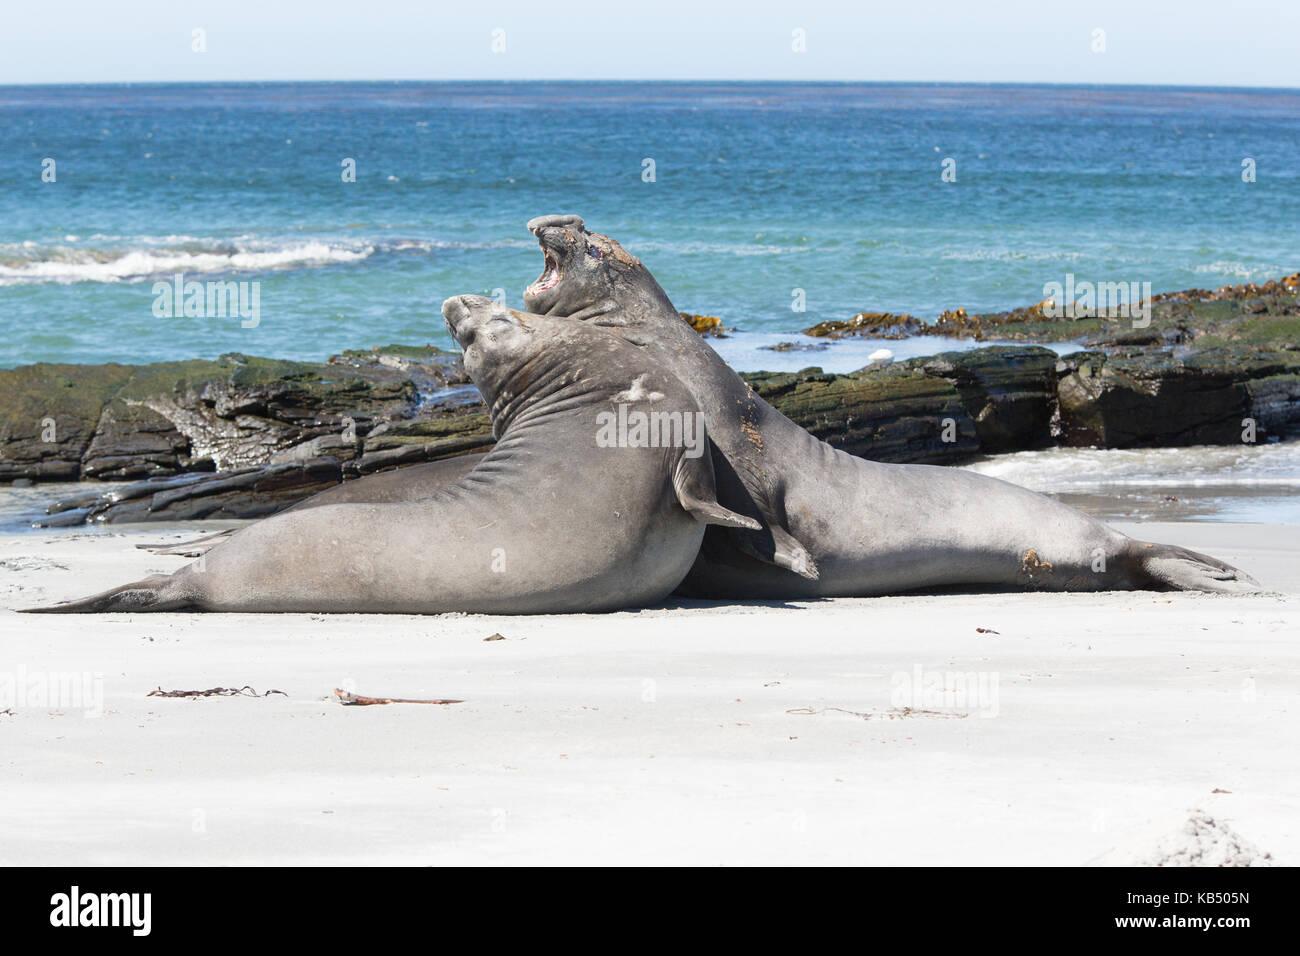 Elephant sea lion